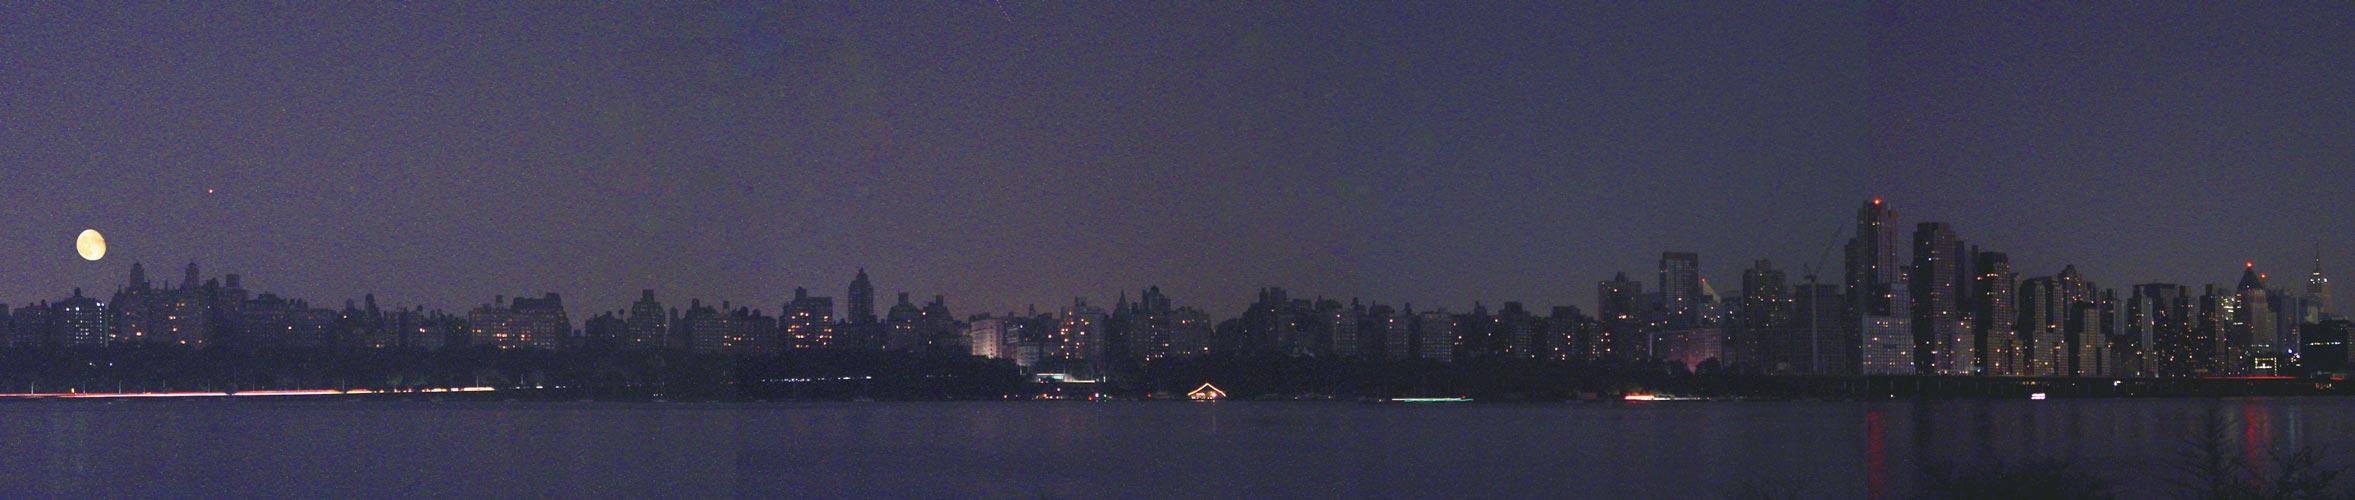 Luces brillantes, ciudad oscura